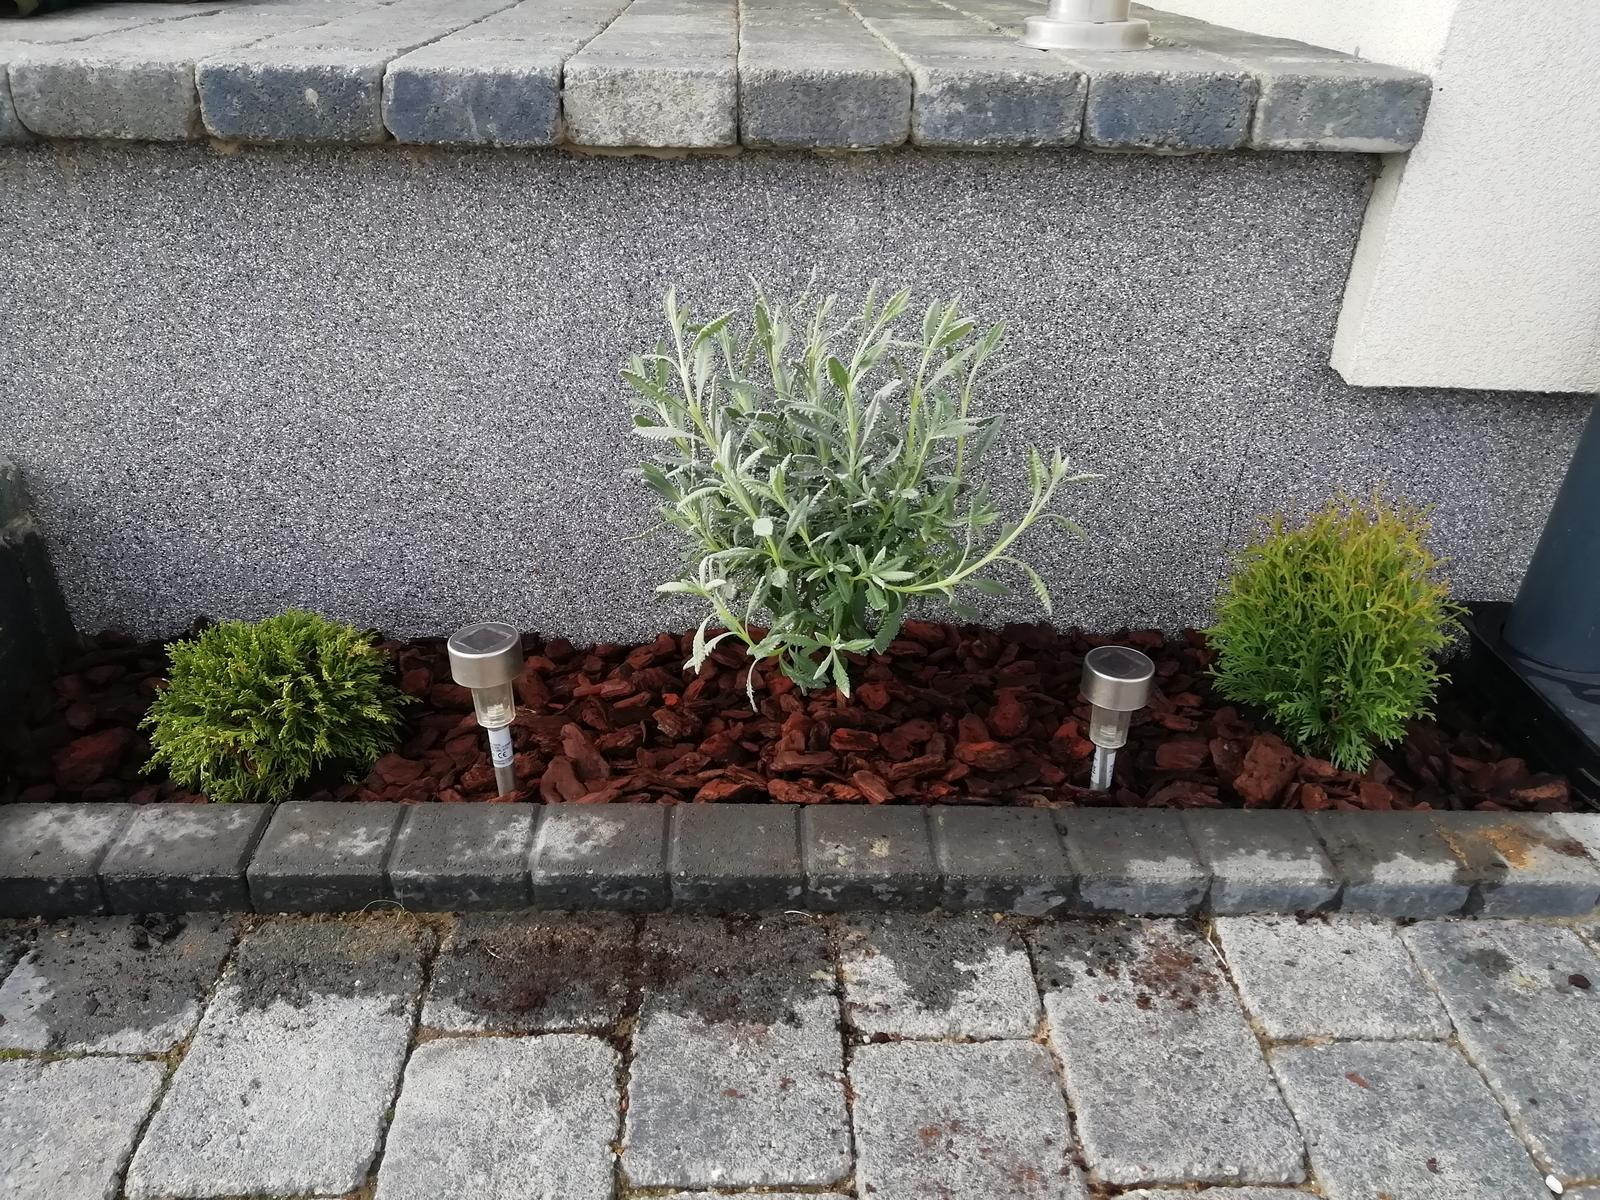 Záhradka 2019/20 bývame 4 a 5 rok :-) - dnesne sadenie 15.3.